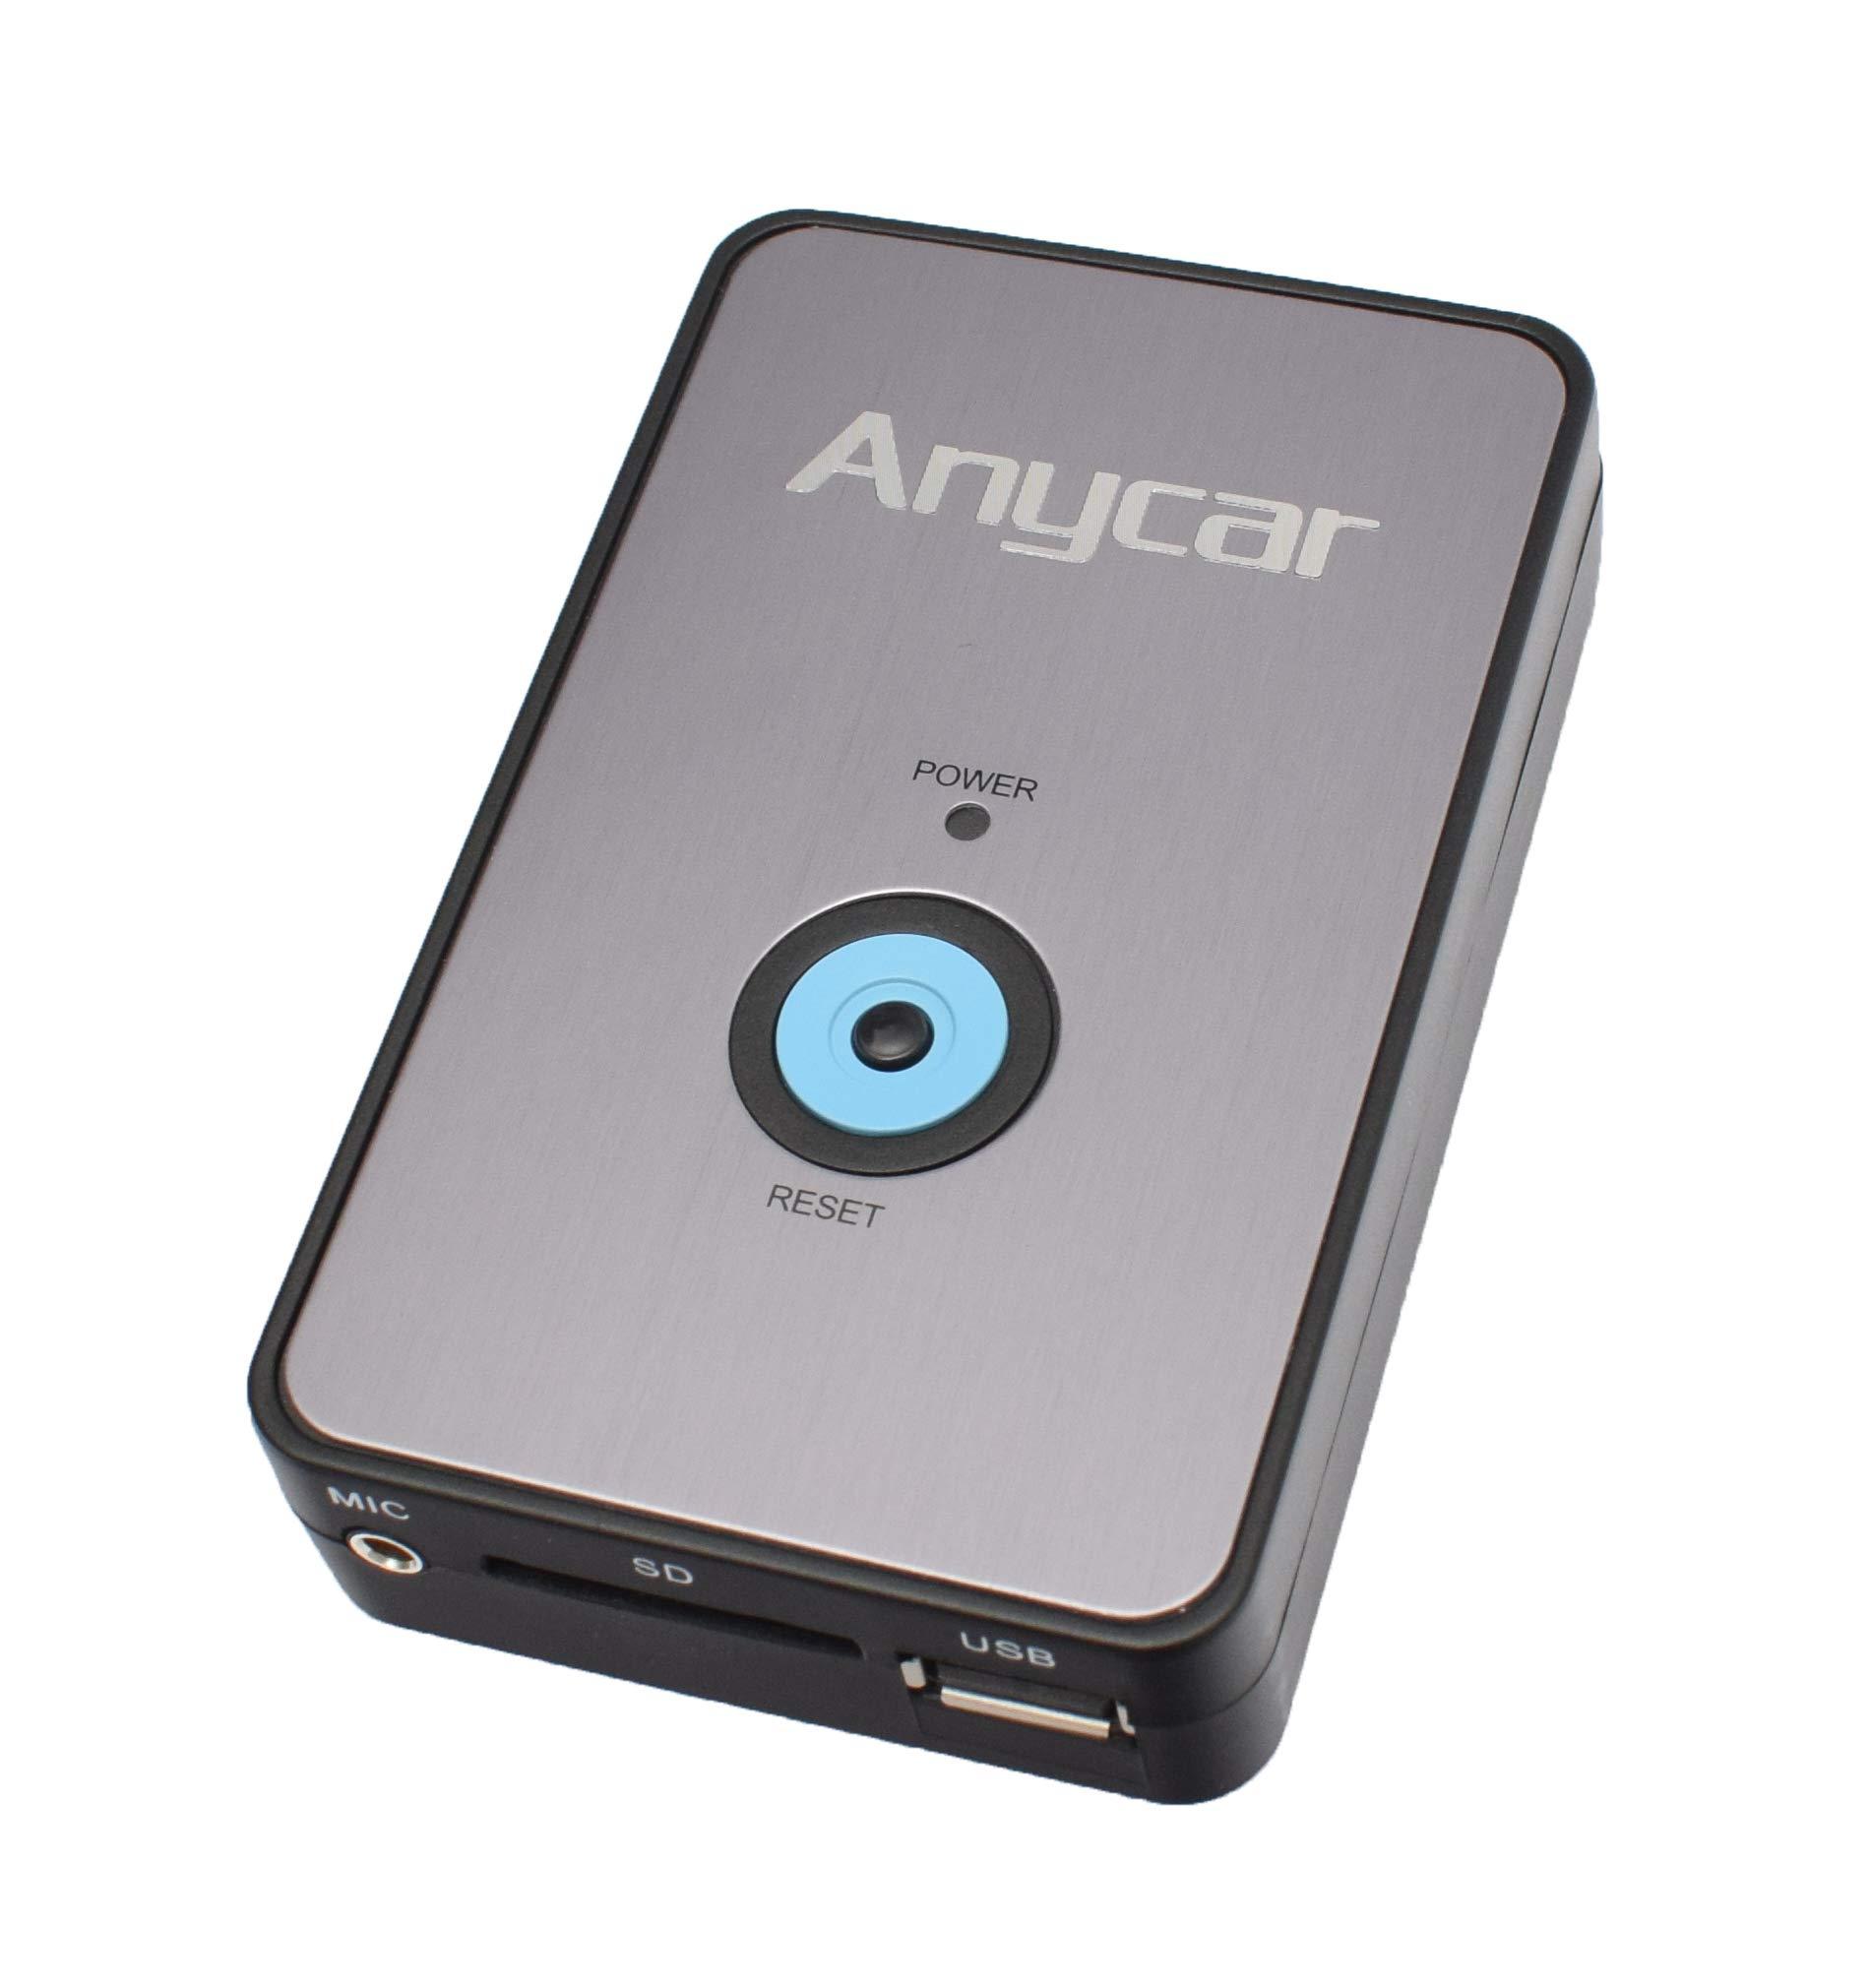 USB-SD-AUX-MP3-Adapter-Bluetooth-Freisprechanlage-fr-VW-R100110-RCD-210300310-RNS-300310-RNS-MFD2-CDDVD-Skoda-Beat-Cruise-Dance-Melody-Stream-Nexus-Swing-Seat-Radio-CD-123-PN-13-RNS-4-RCD300-SE250350-